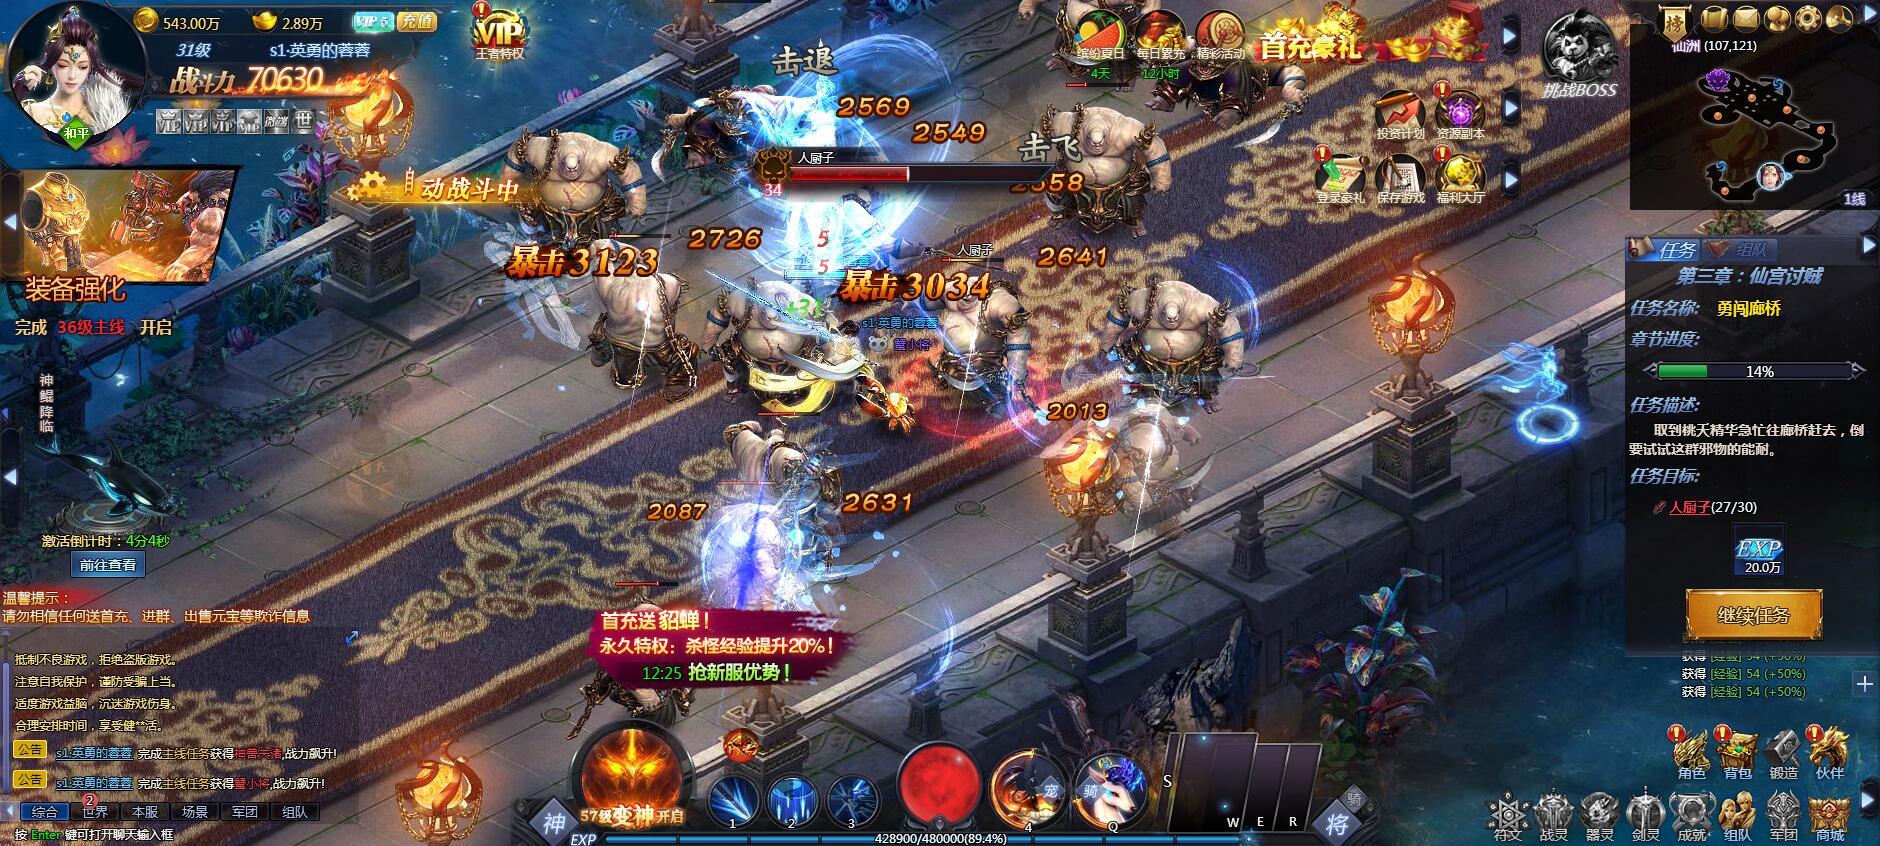 碧血神剑游戏截图4